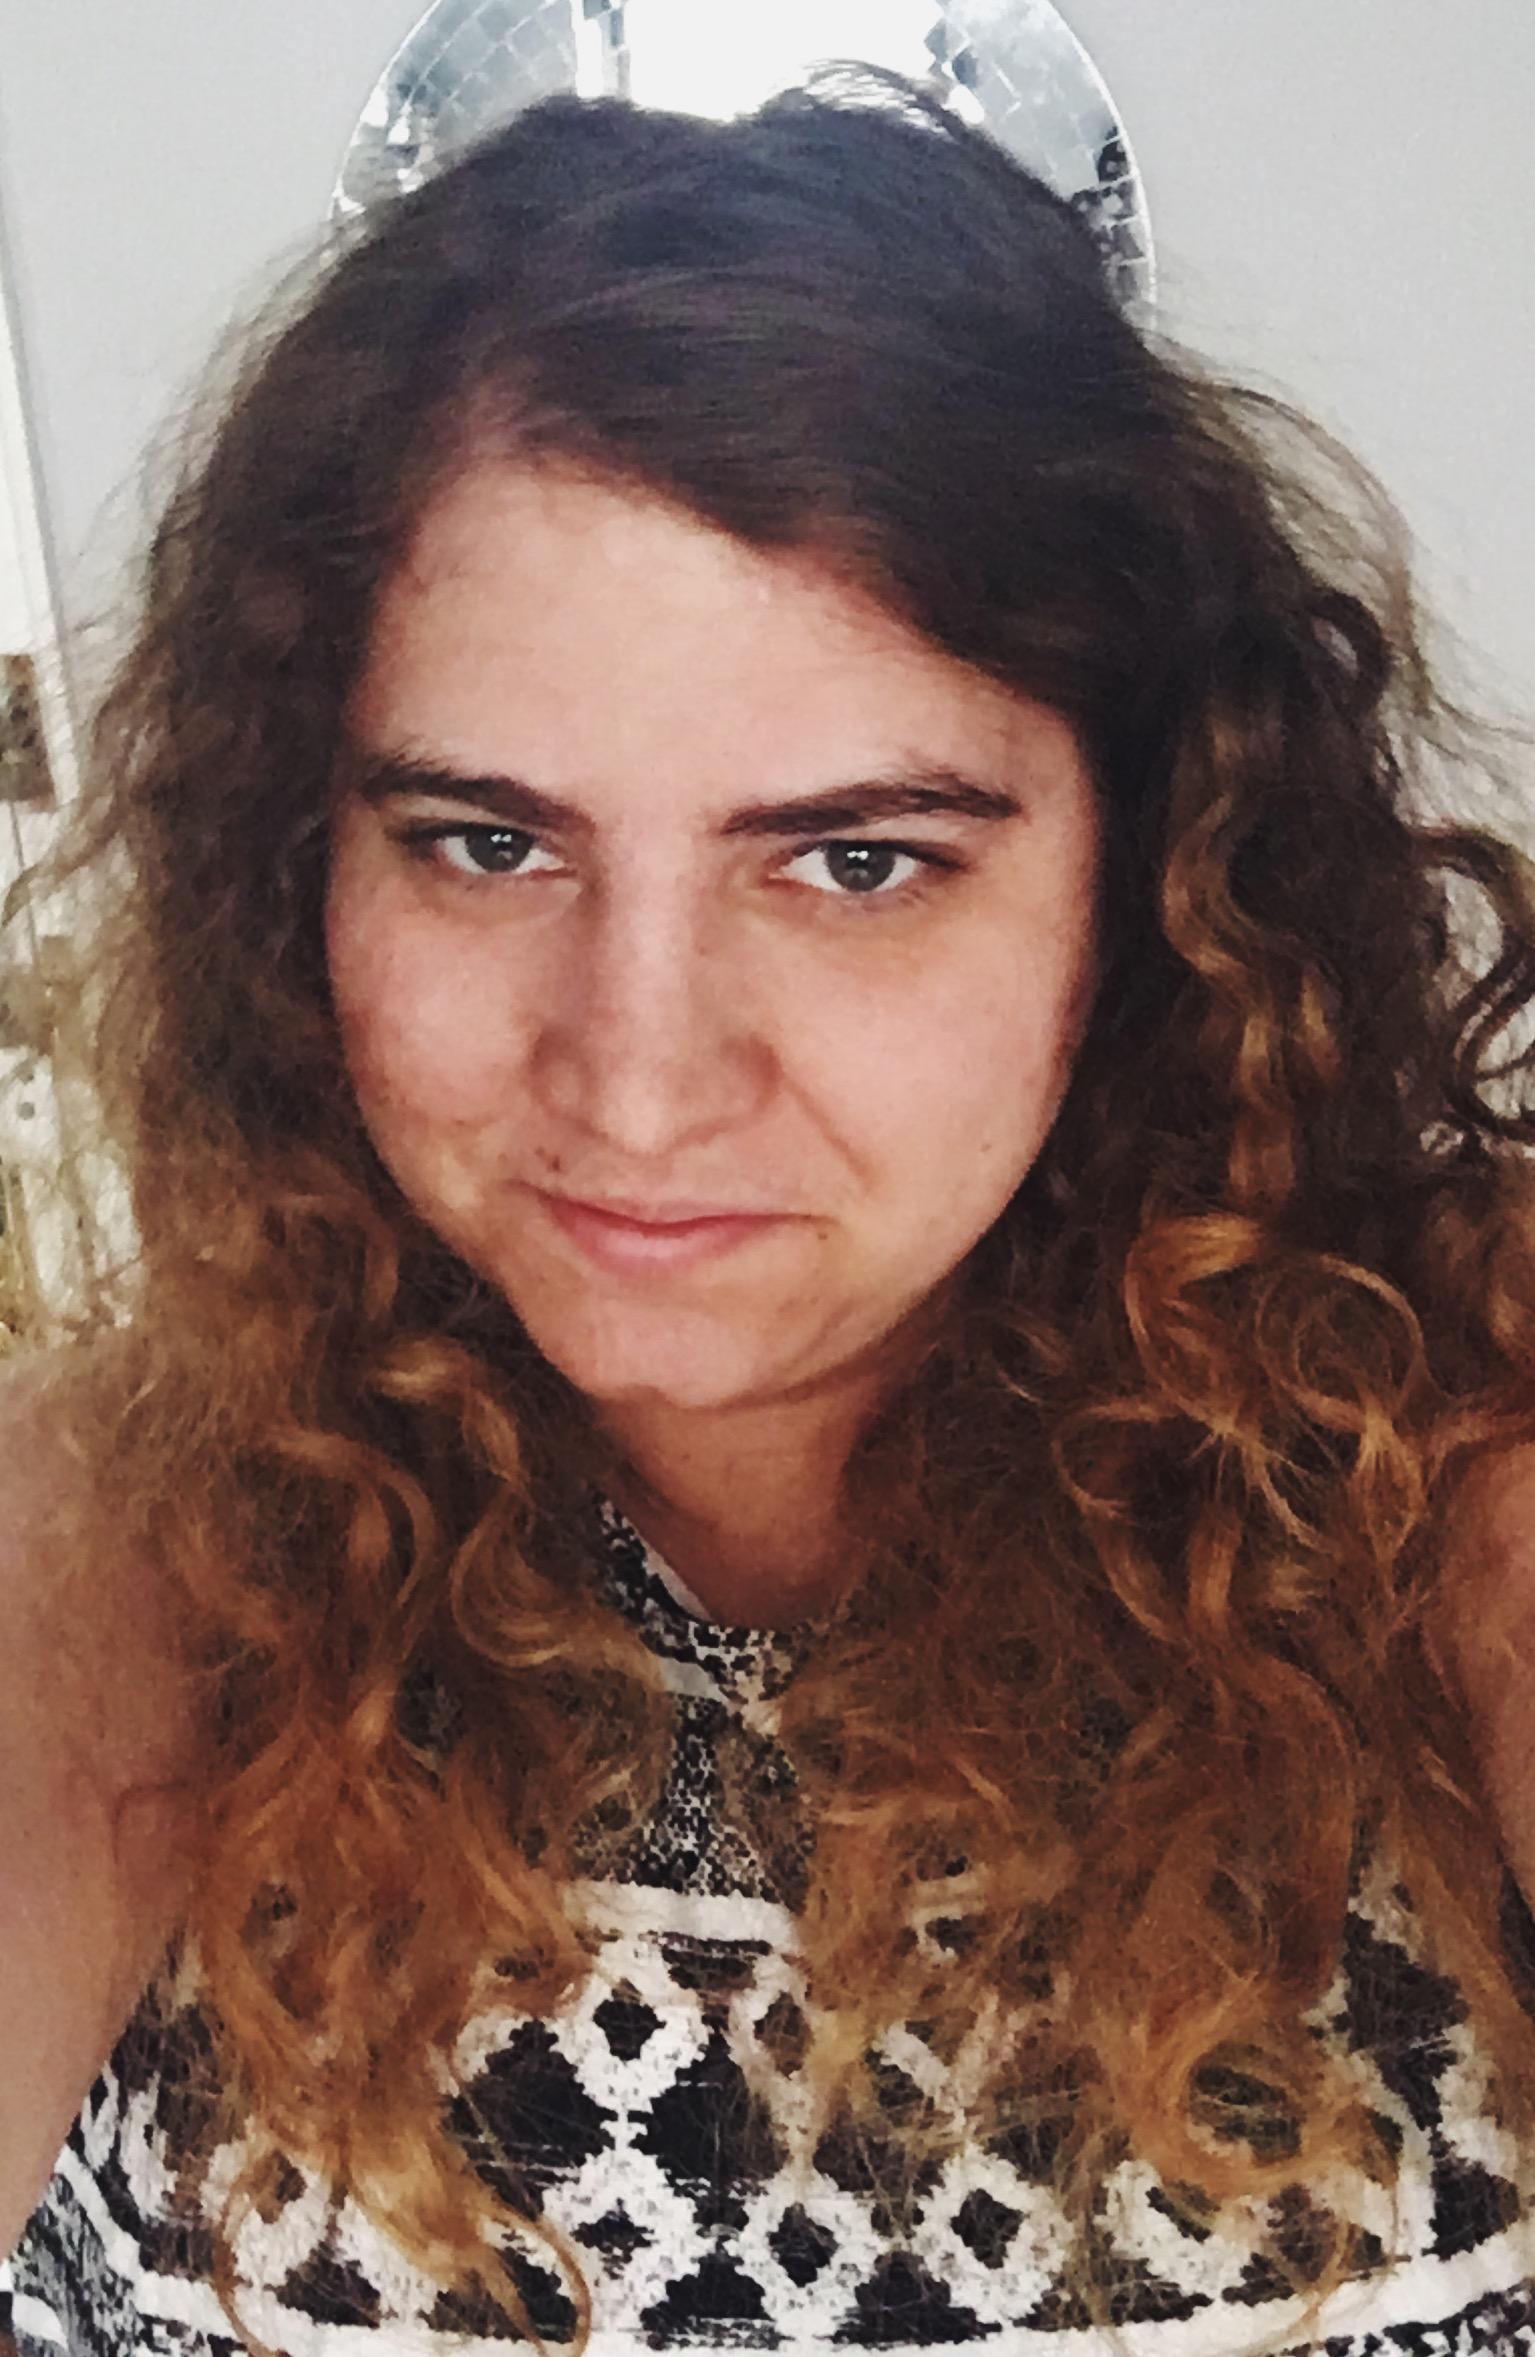 It me, the selfie queen